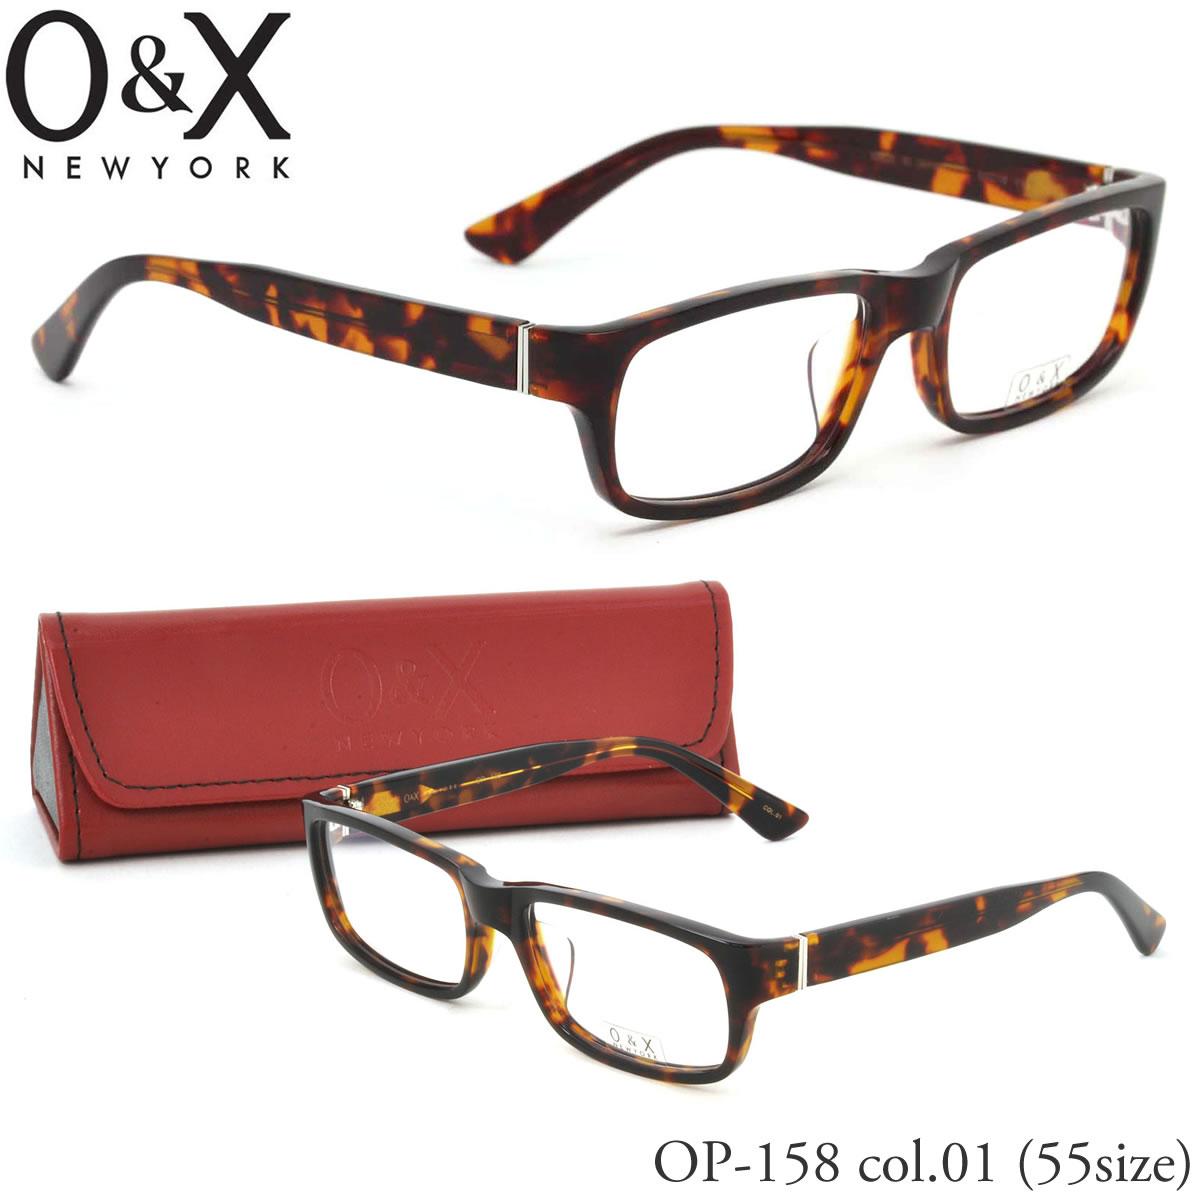 ほぼ全品ポイント15倍~最大34倍+2倍! 【O&X】(オーアンドエックス) メガネ フレーム OP 158 01 55サイズ スクエア 日本製 オーアンドエックス O&X メンズ レディース